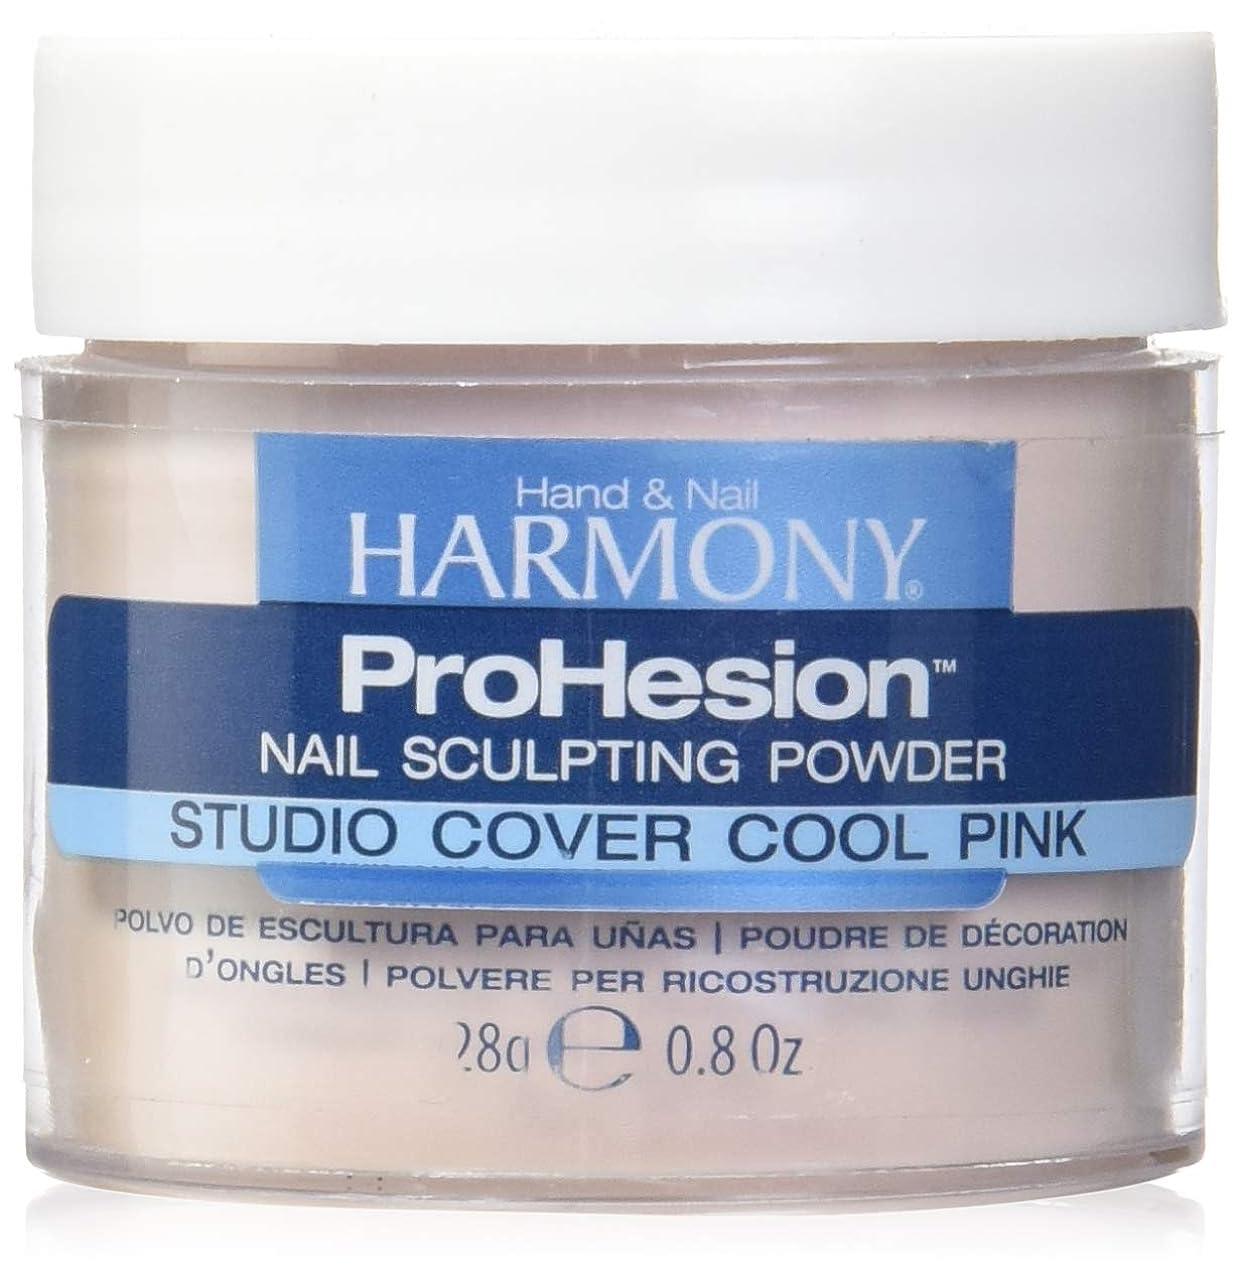 冷蔵する冷ややかな直立Harmony Prohesion Sculpting Powder - Studio Cover Cool Pink - 0.8oz / 28g